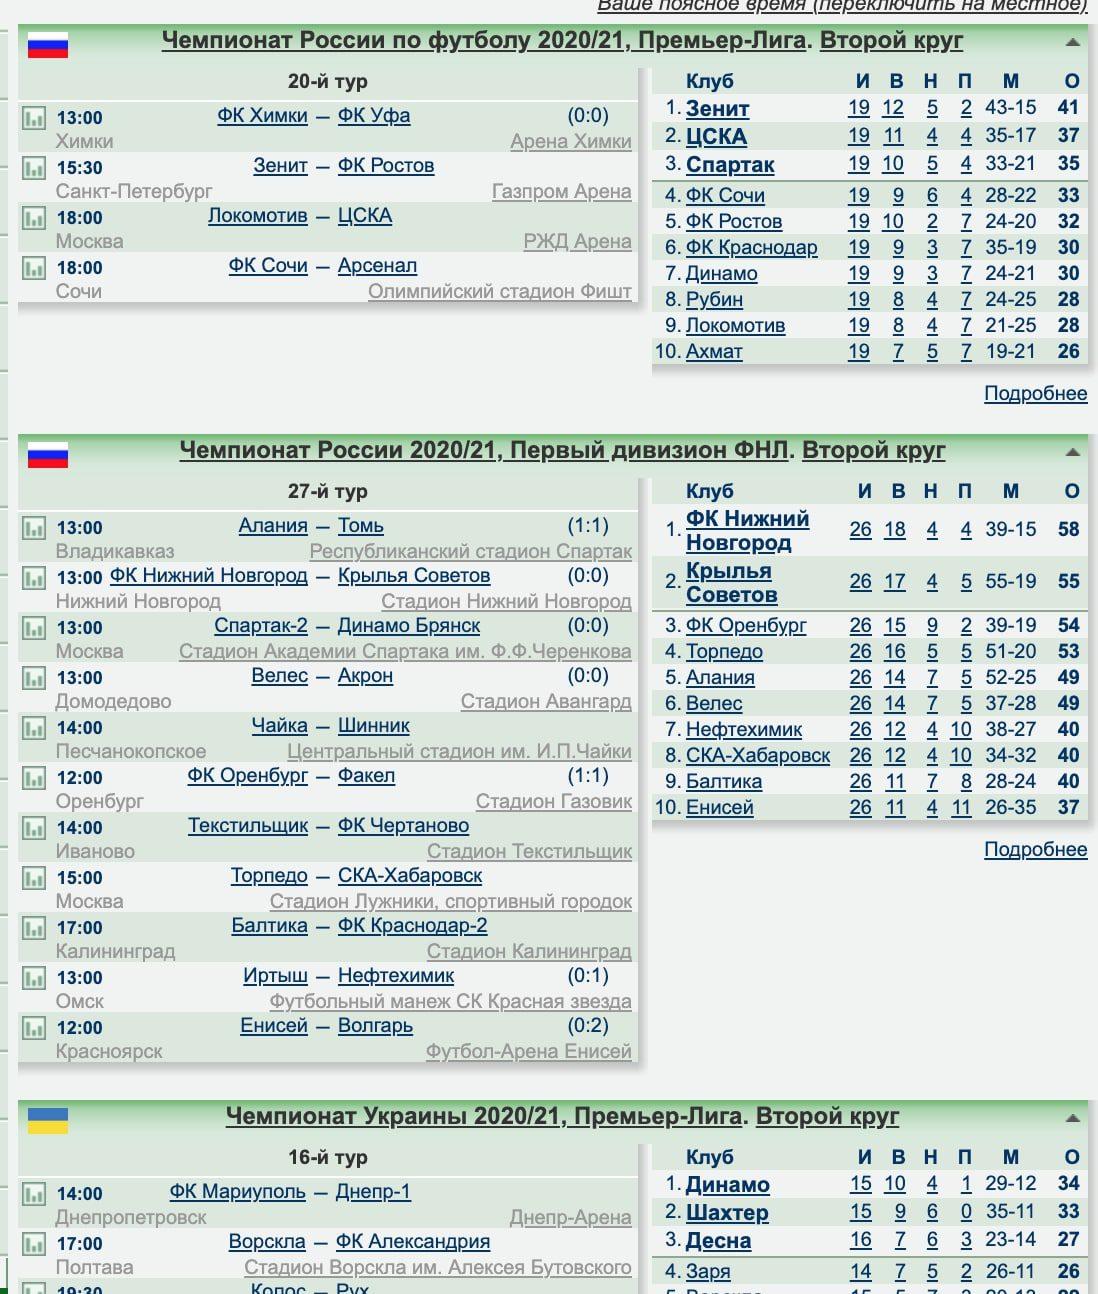 Матчи на сайте www Wildstat ru (Вильдстат ру)